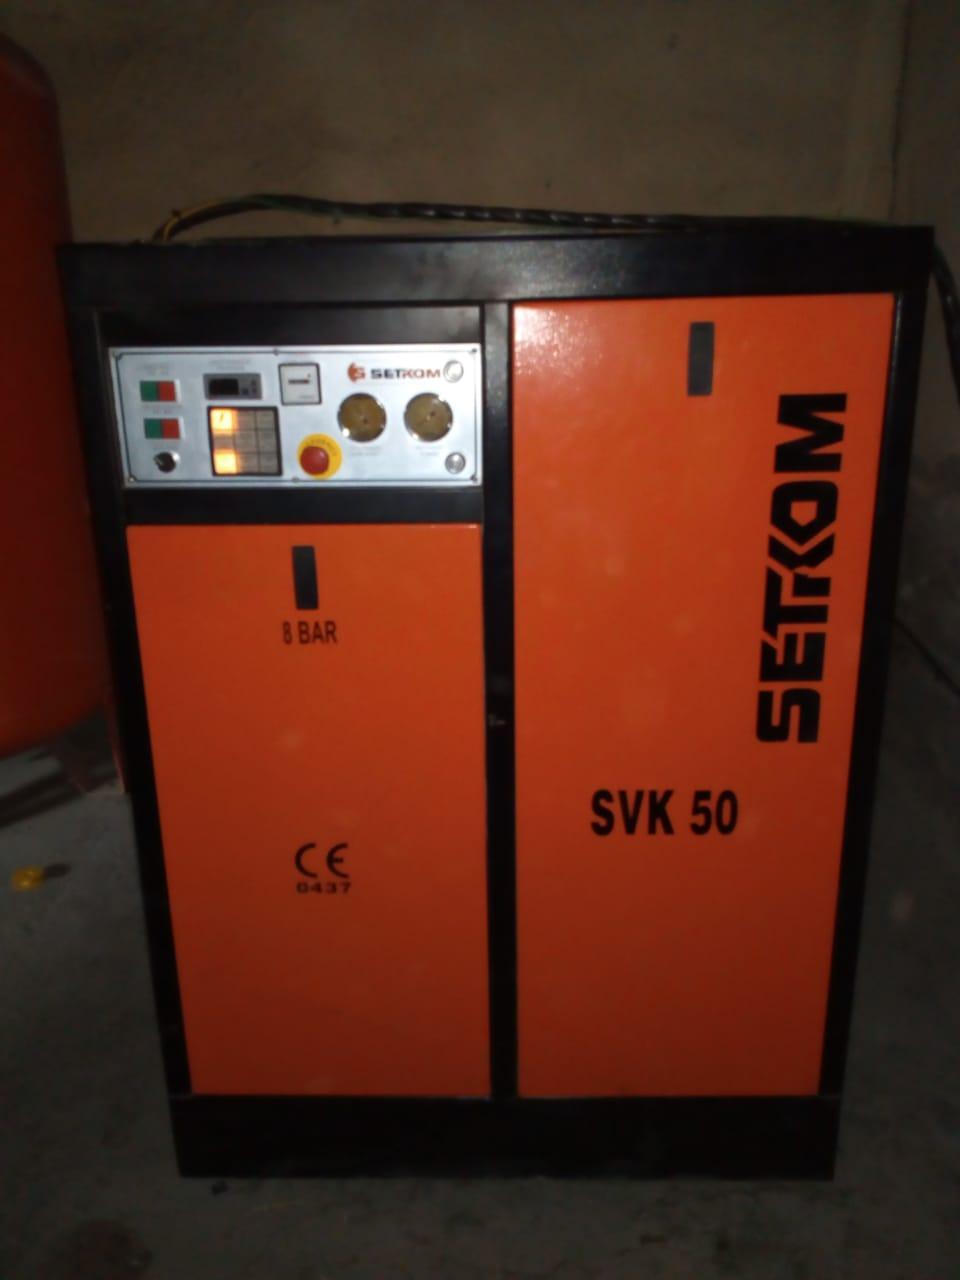 Продается мощный воздушный винтовой компрессор Setkom SVK-50 (6300 л/мин)